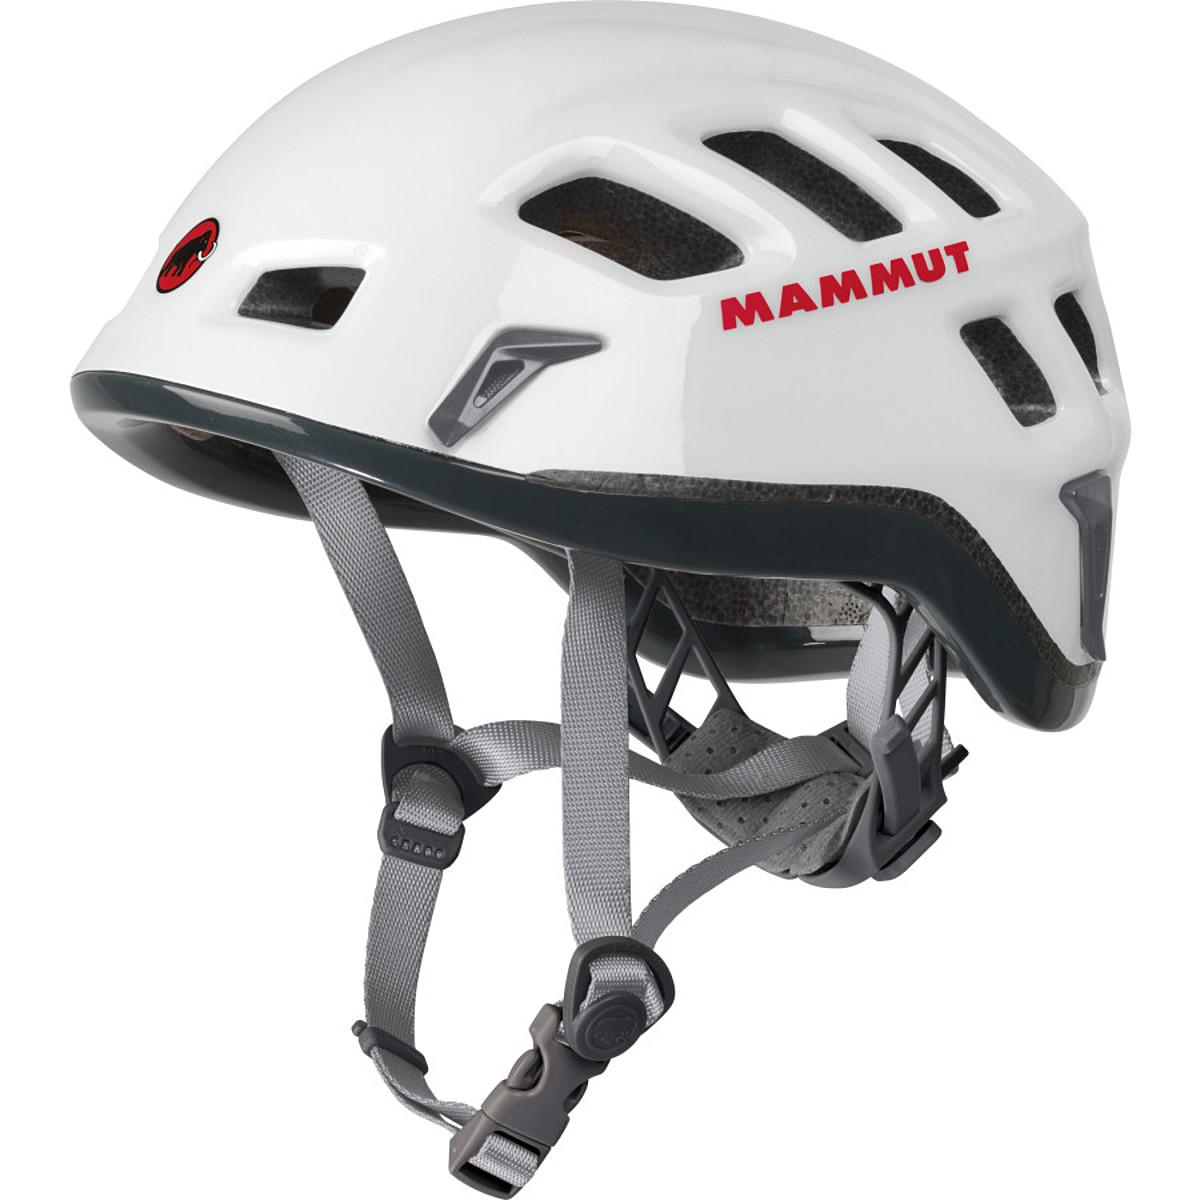 Mammut Rock Rider Helmet